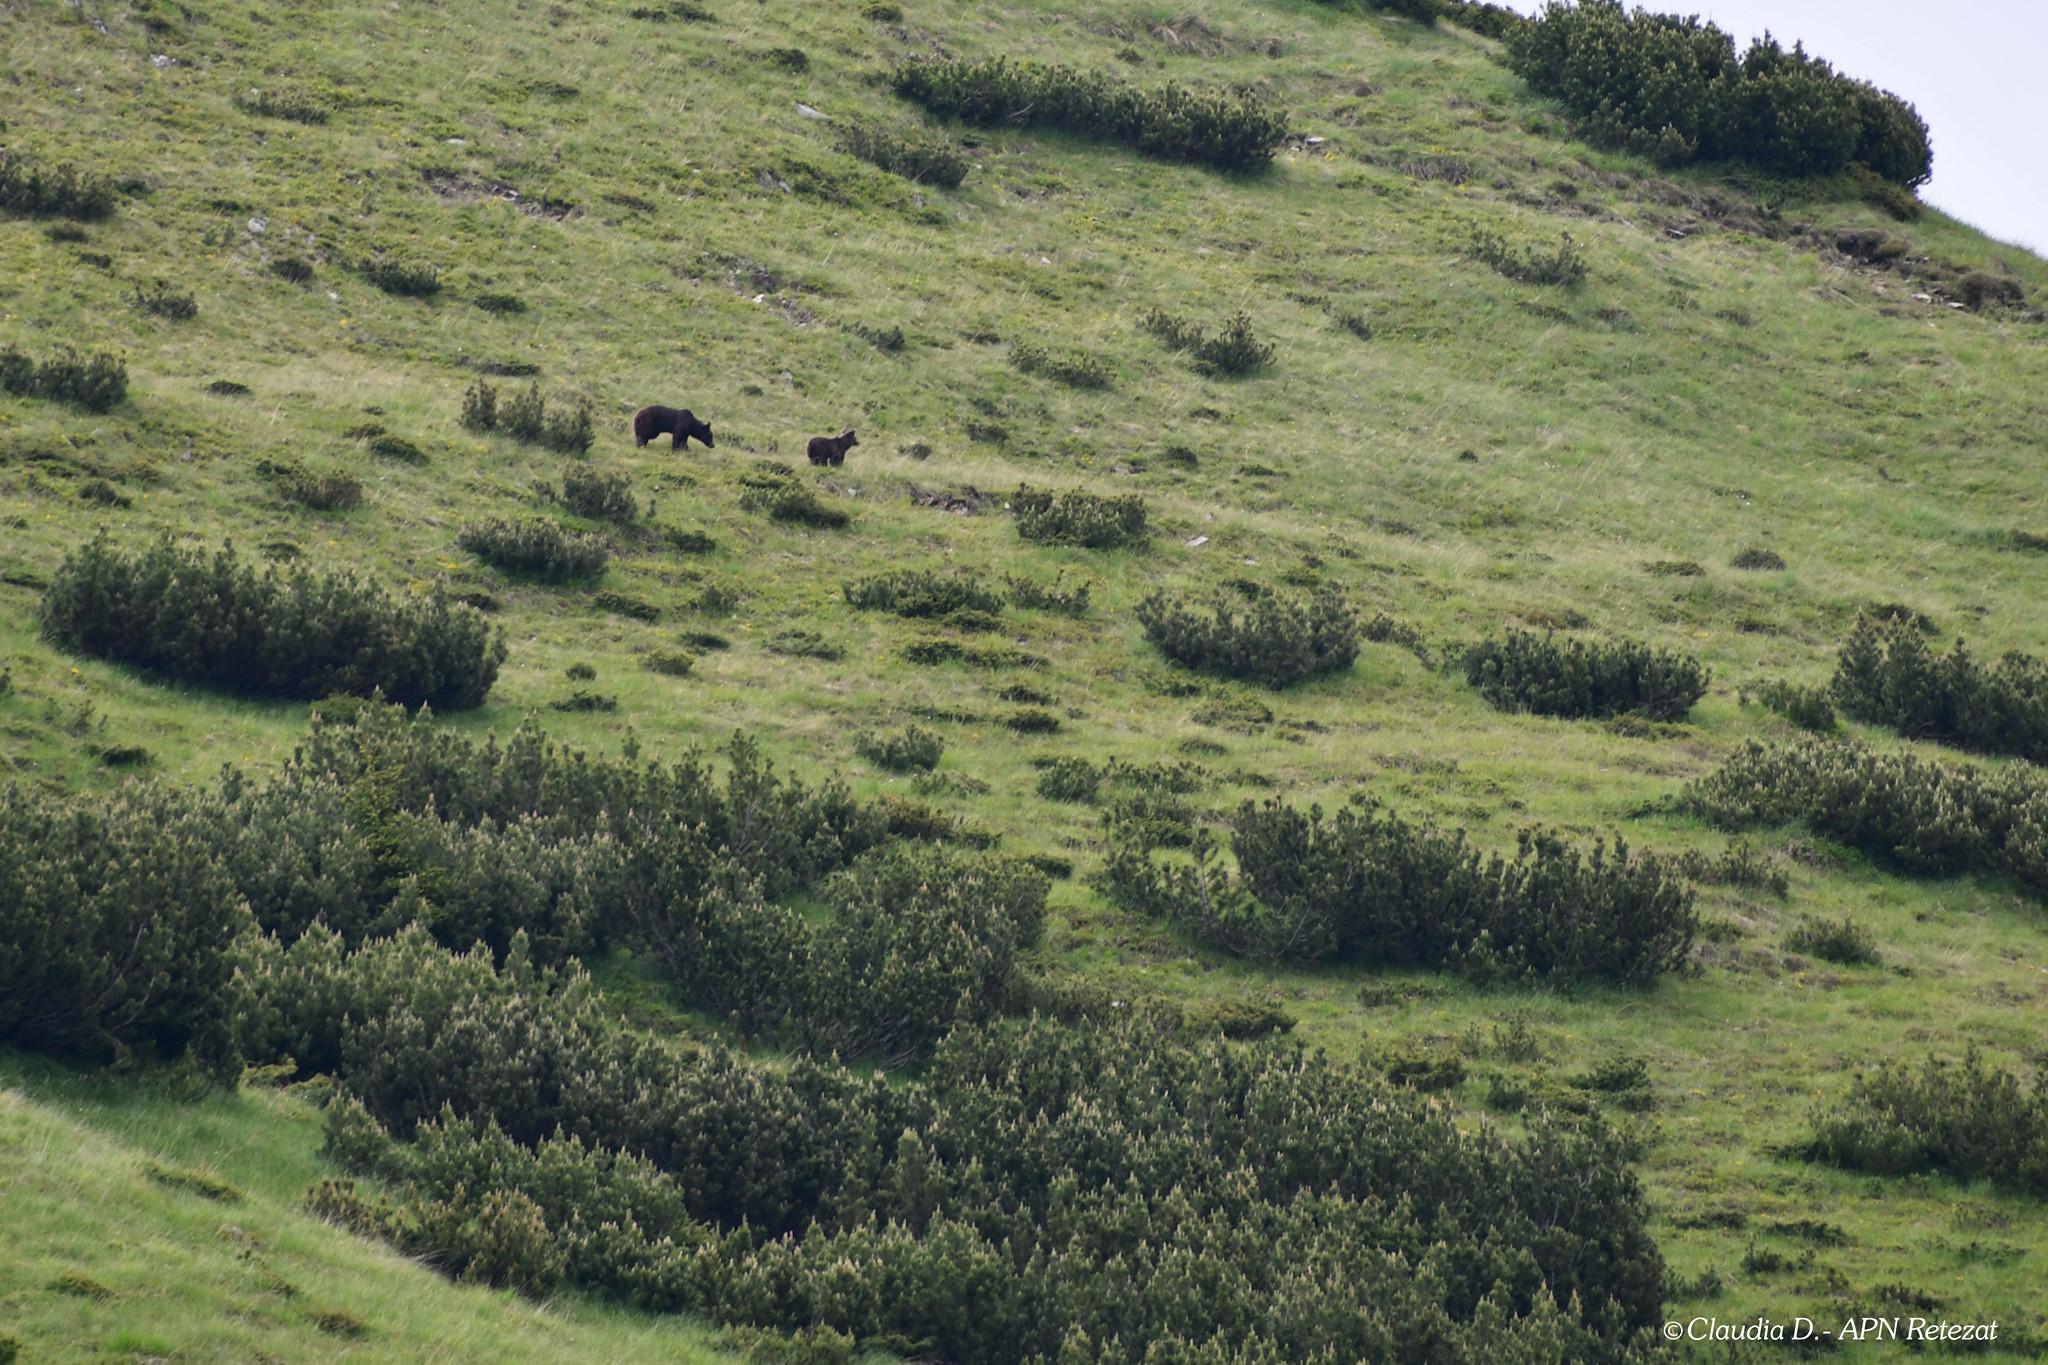 VIDEO| Ursoaică și puiul ei, surprinși la plimbare în Parcul Național Retezat